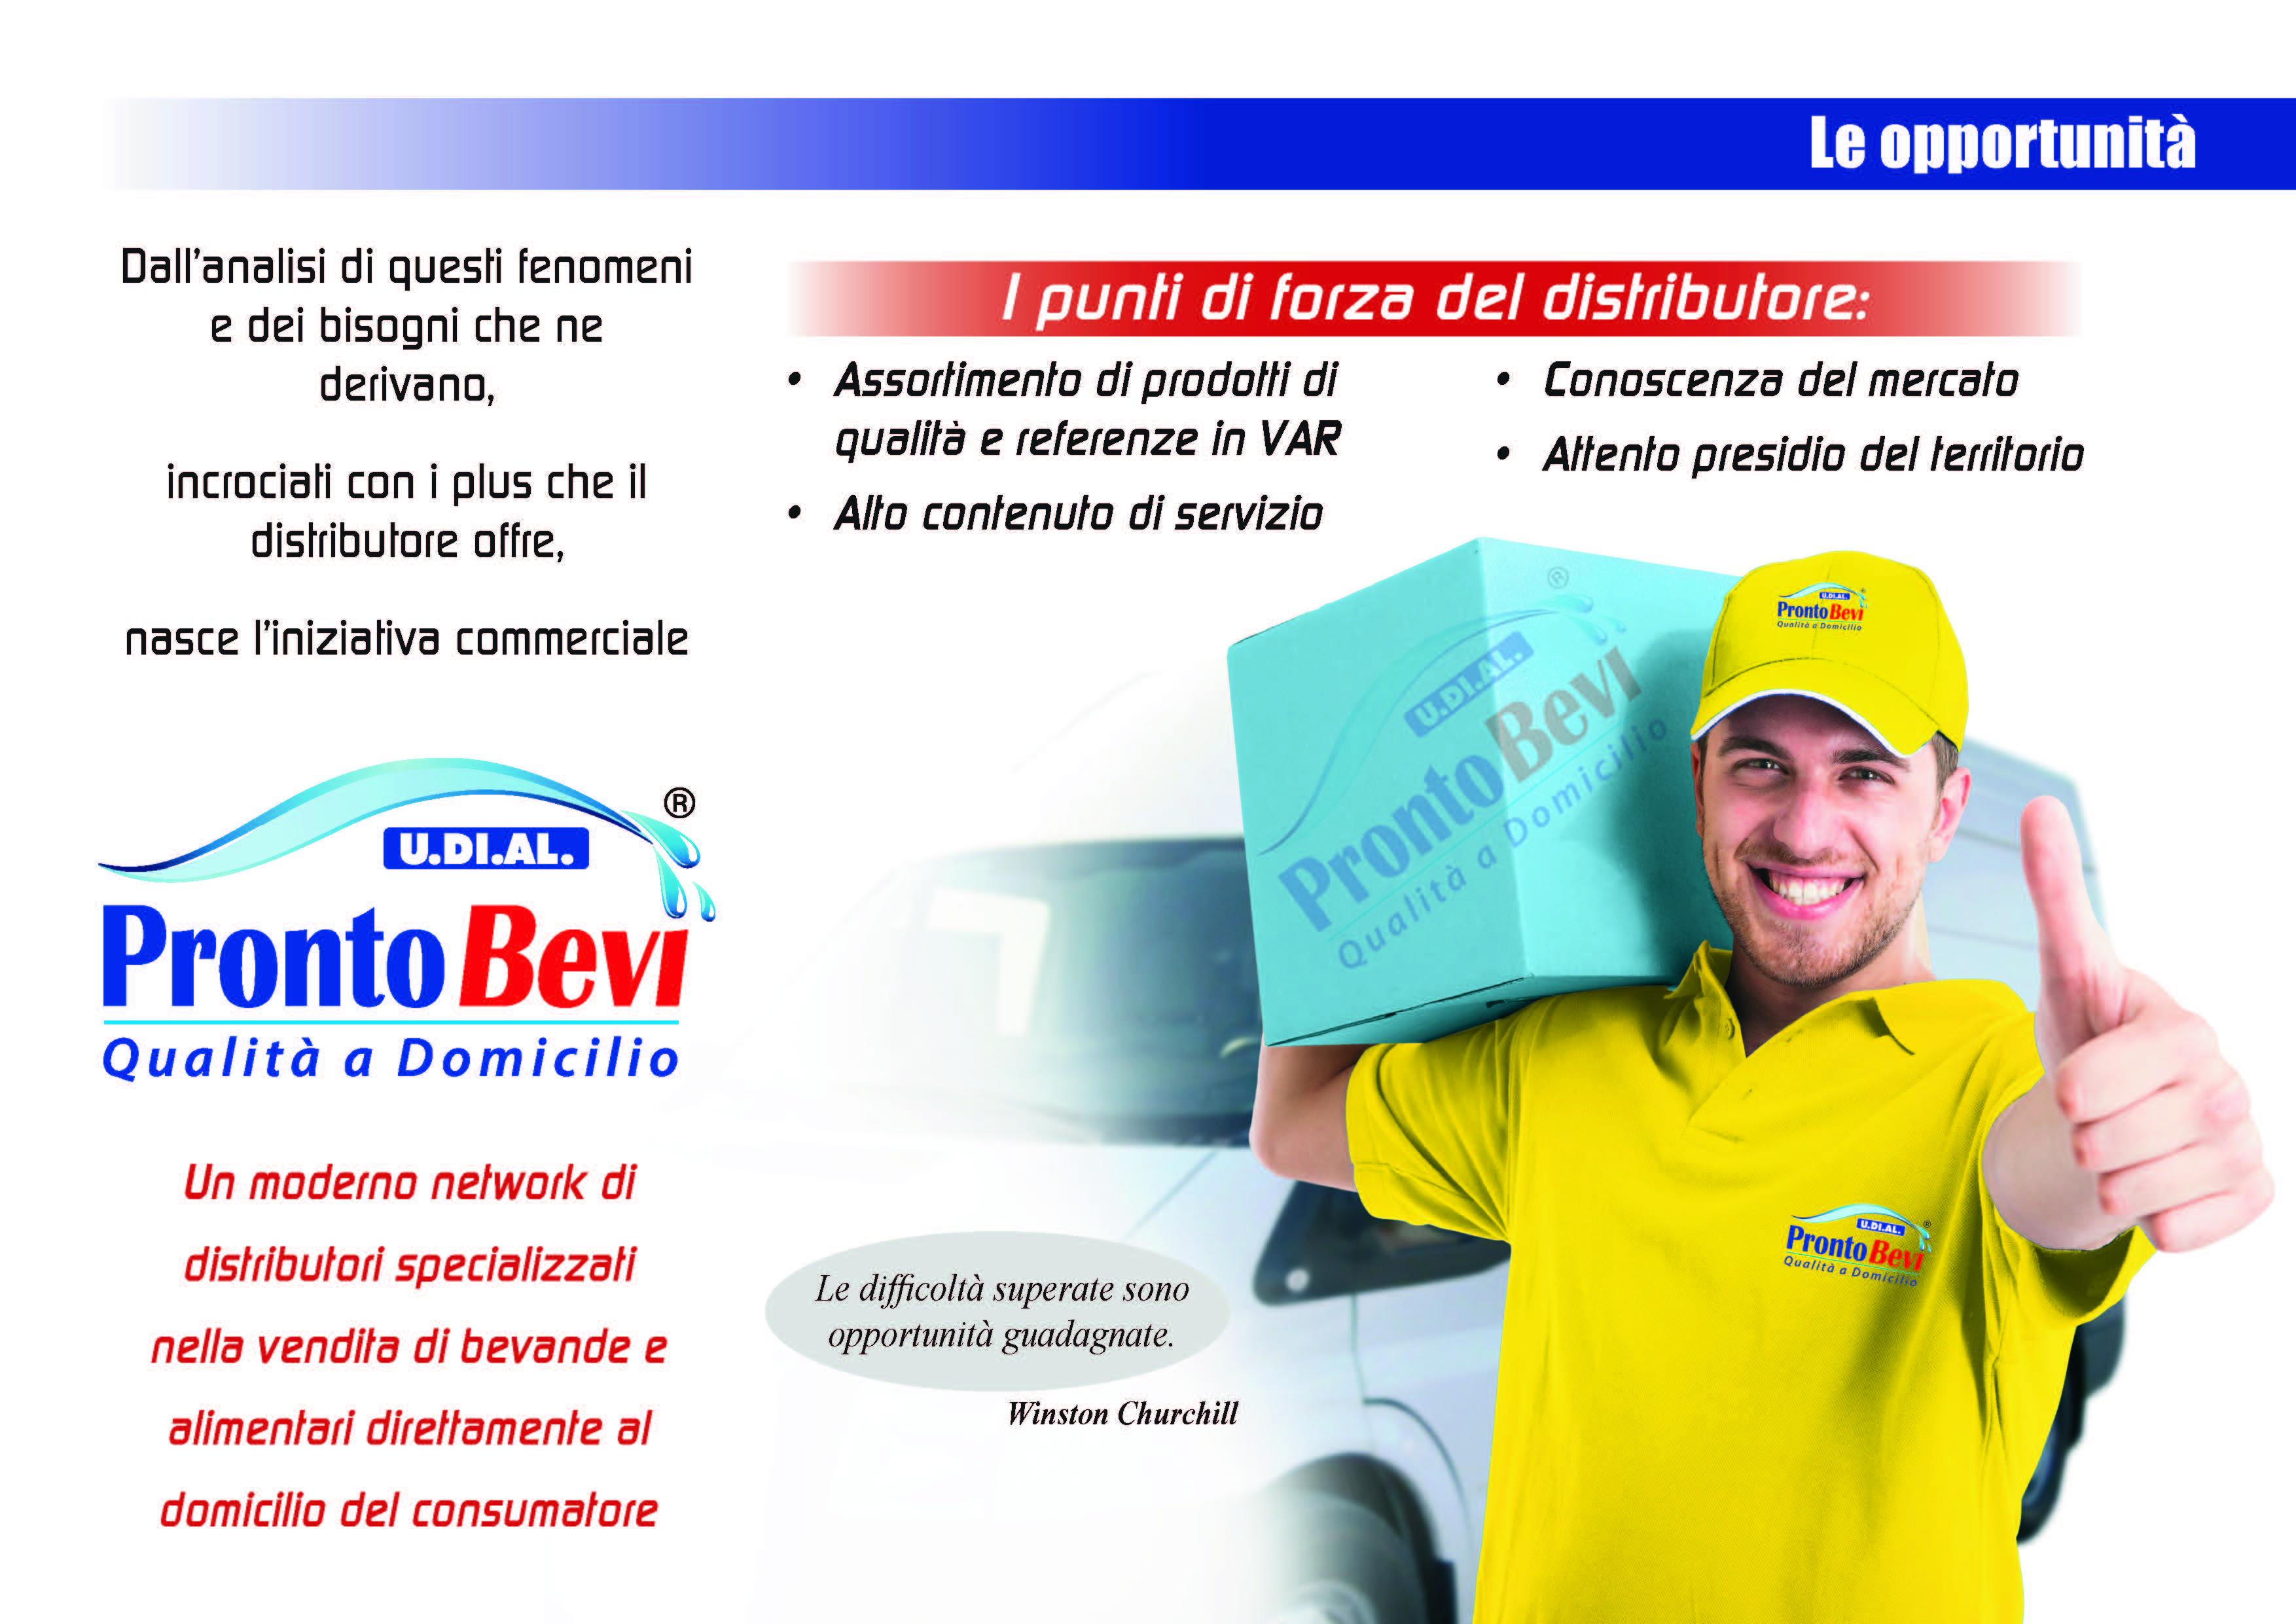 PB Brochure Istituzionale_Pagina_03.jpg (797 KB)